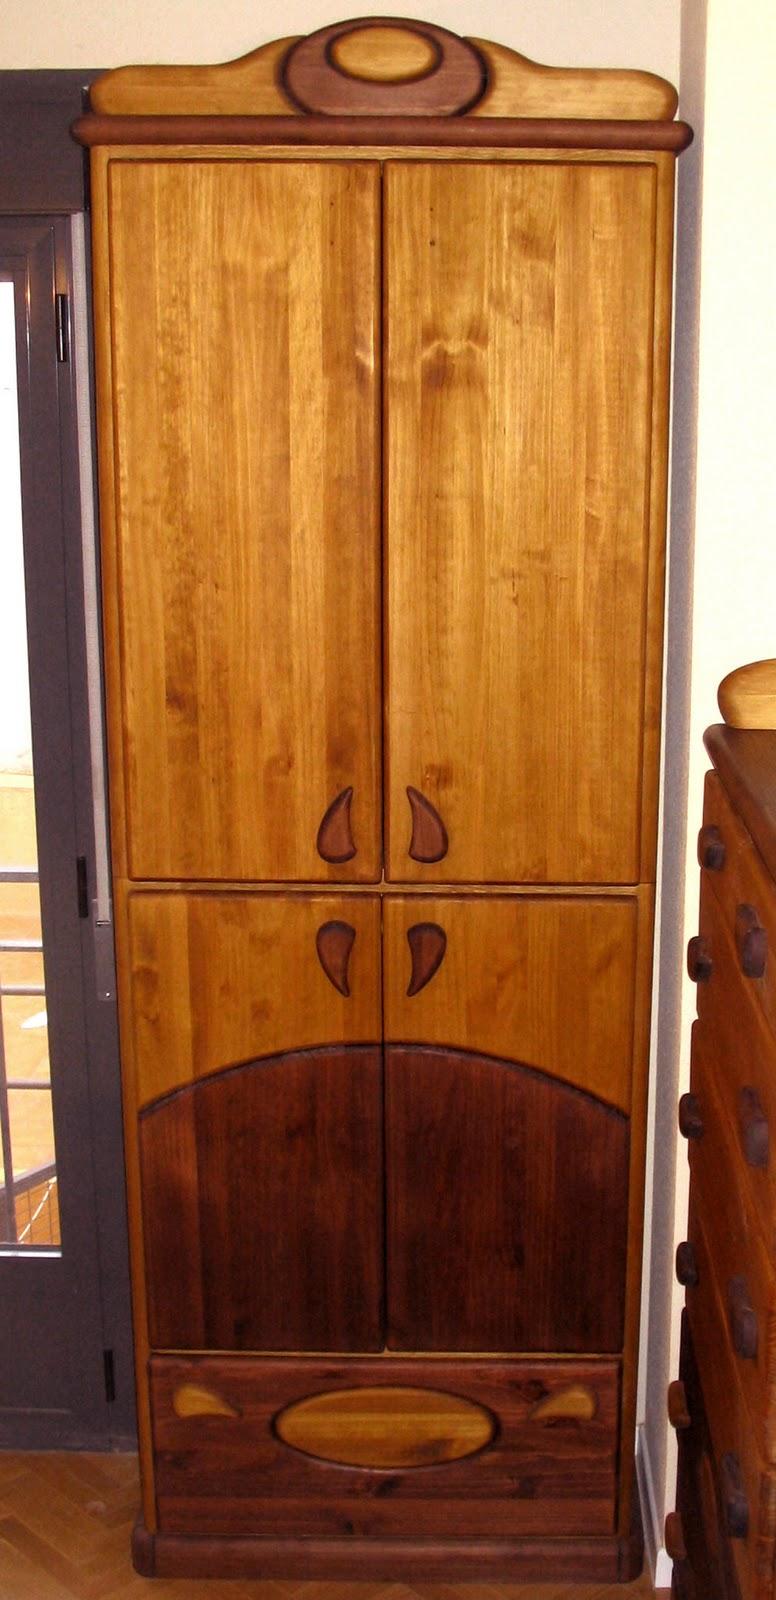 Muebles ibicencos muebles de madera - Muebles ibicencos ...